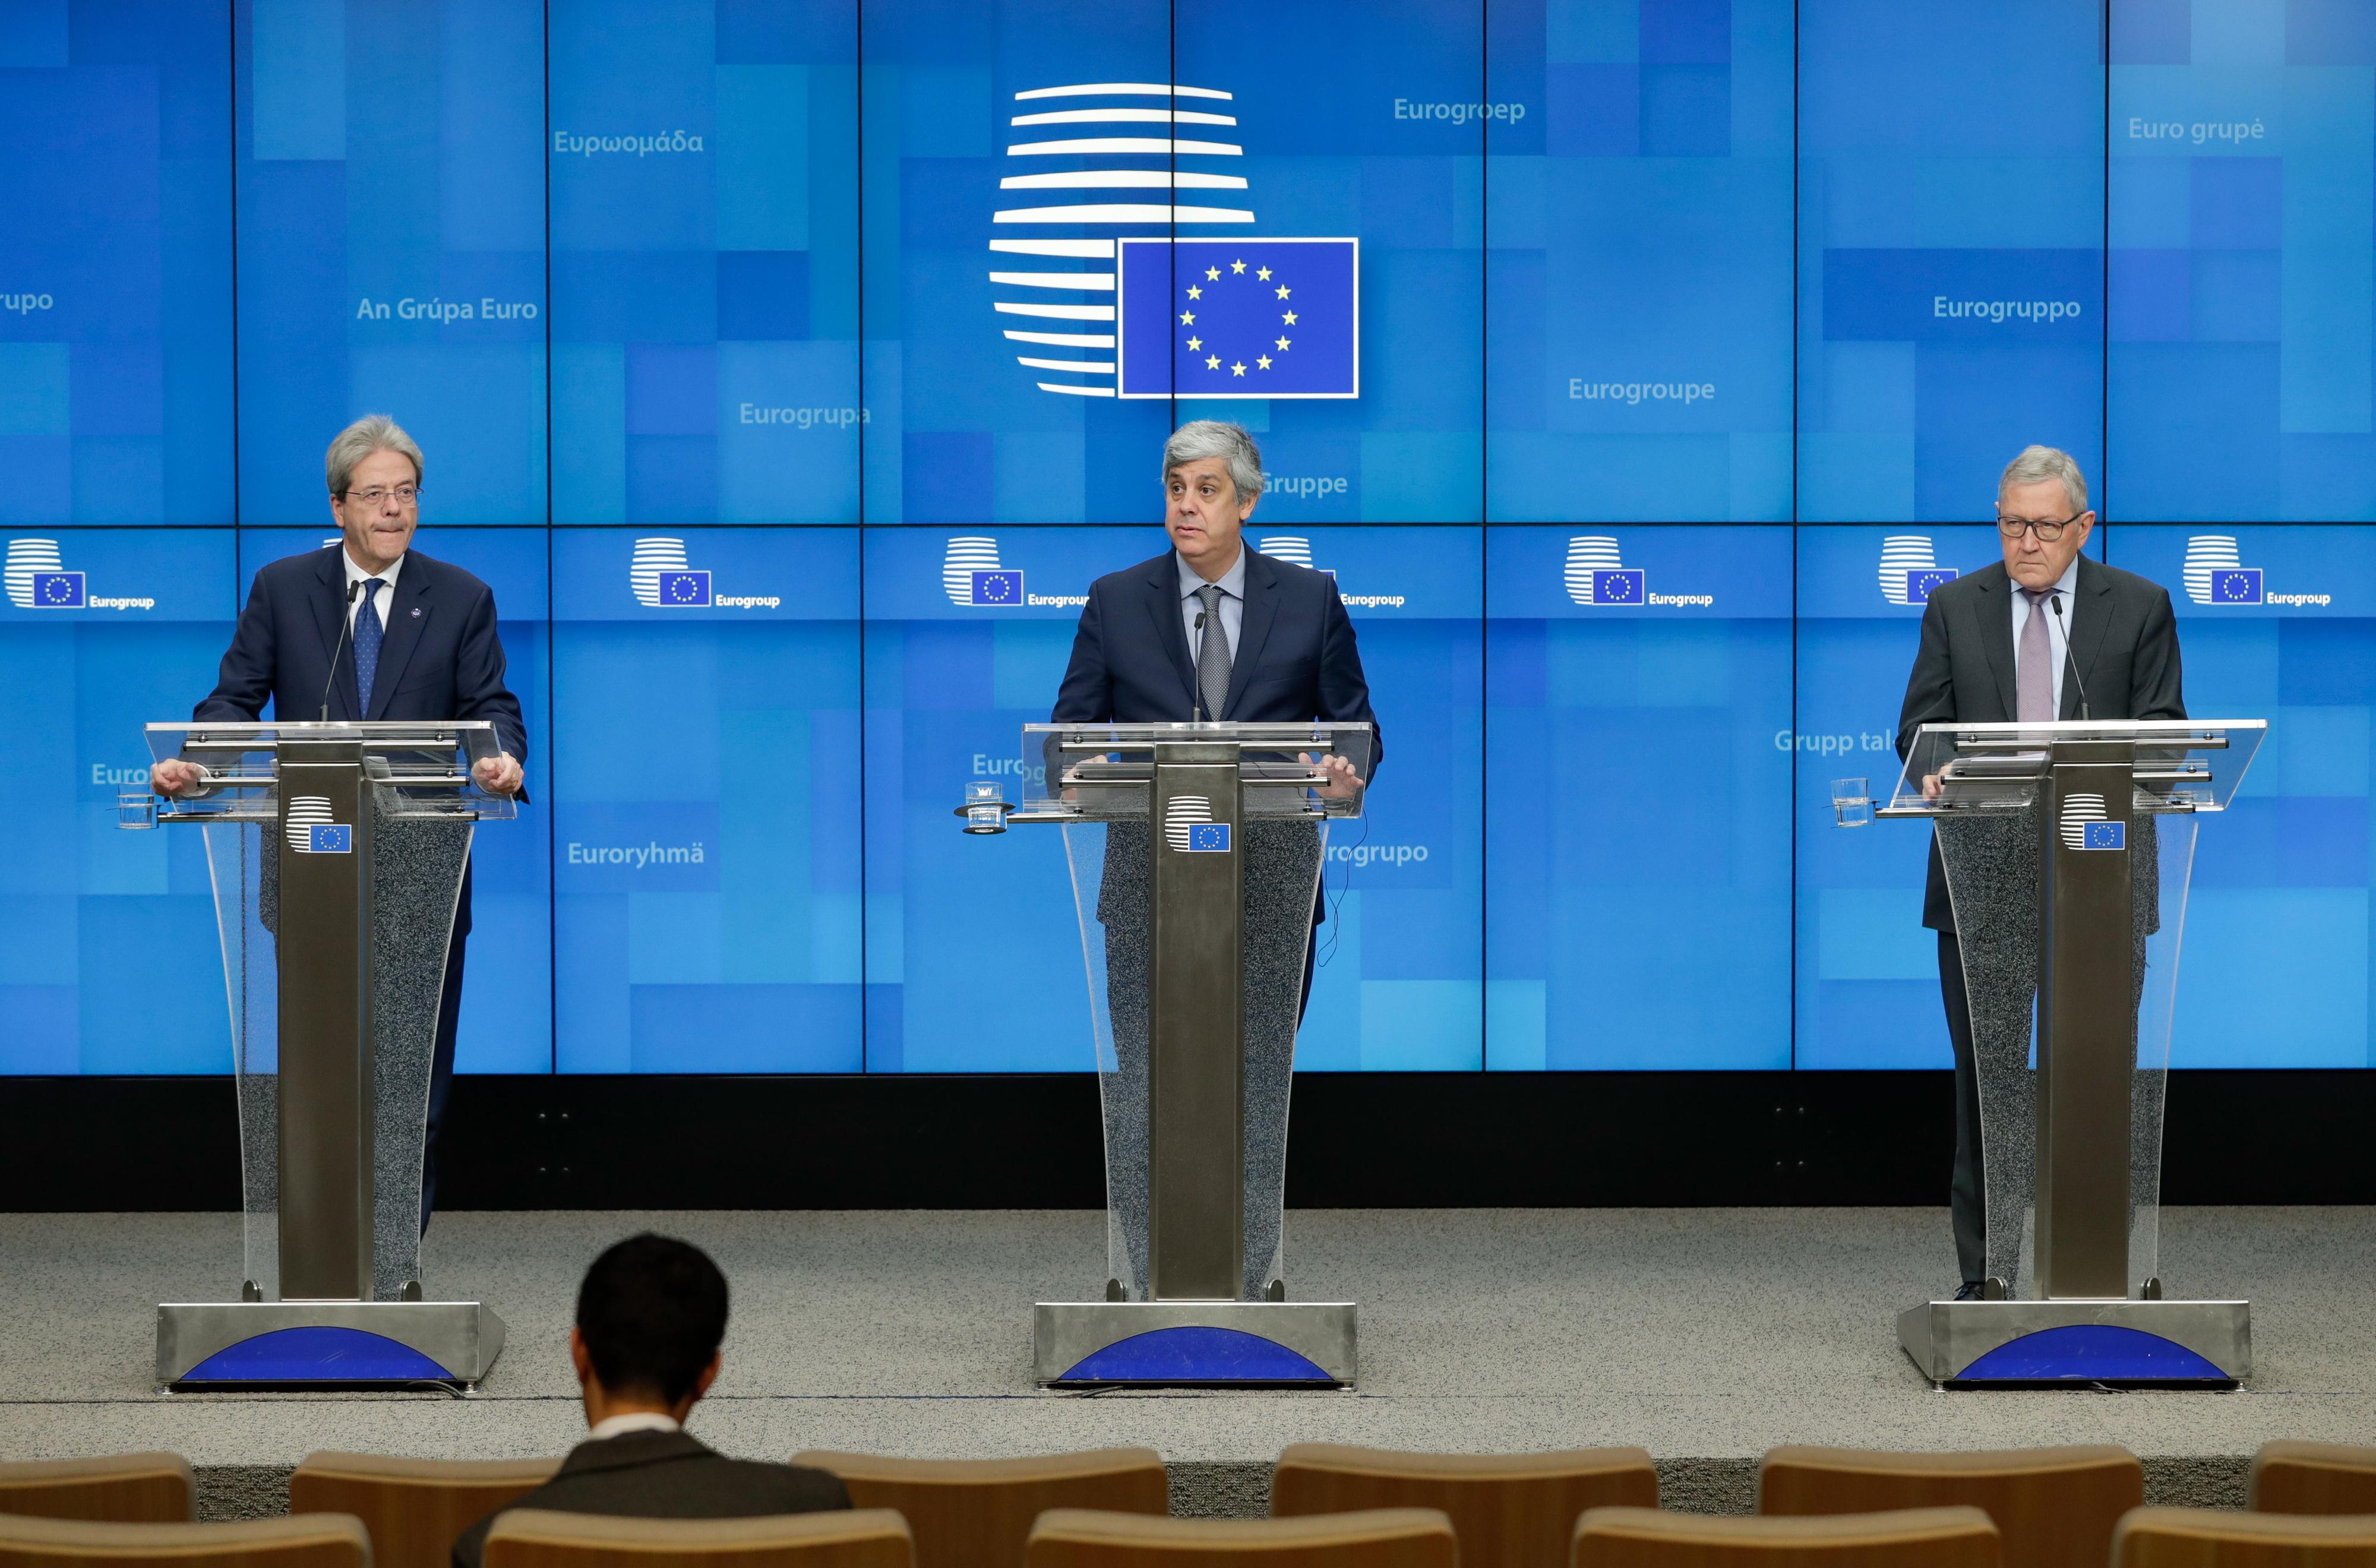 Eurogrupo prepara terreno mas não chega a acordo sobre medidas para reforçar zona euro